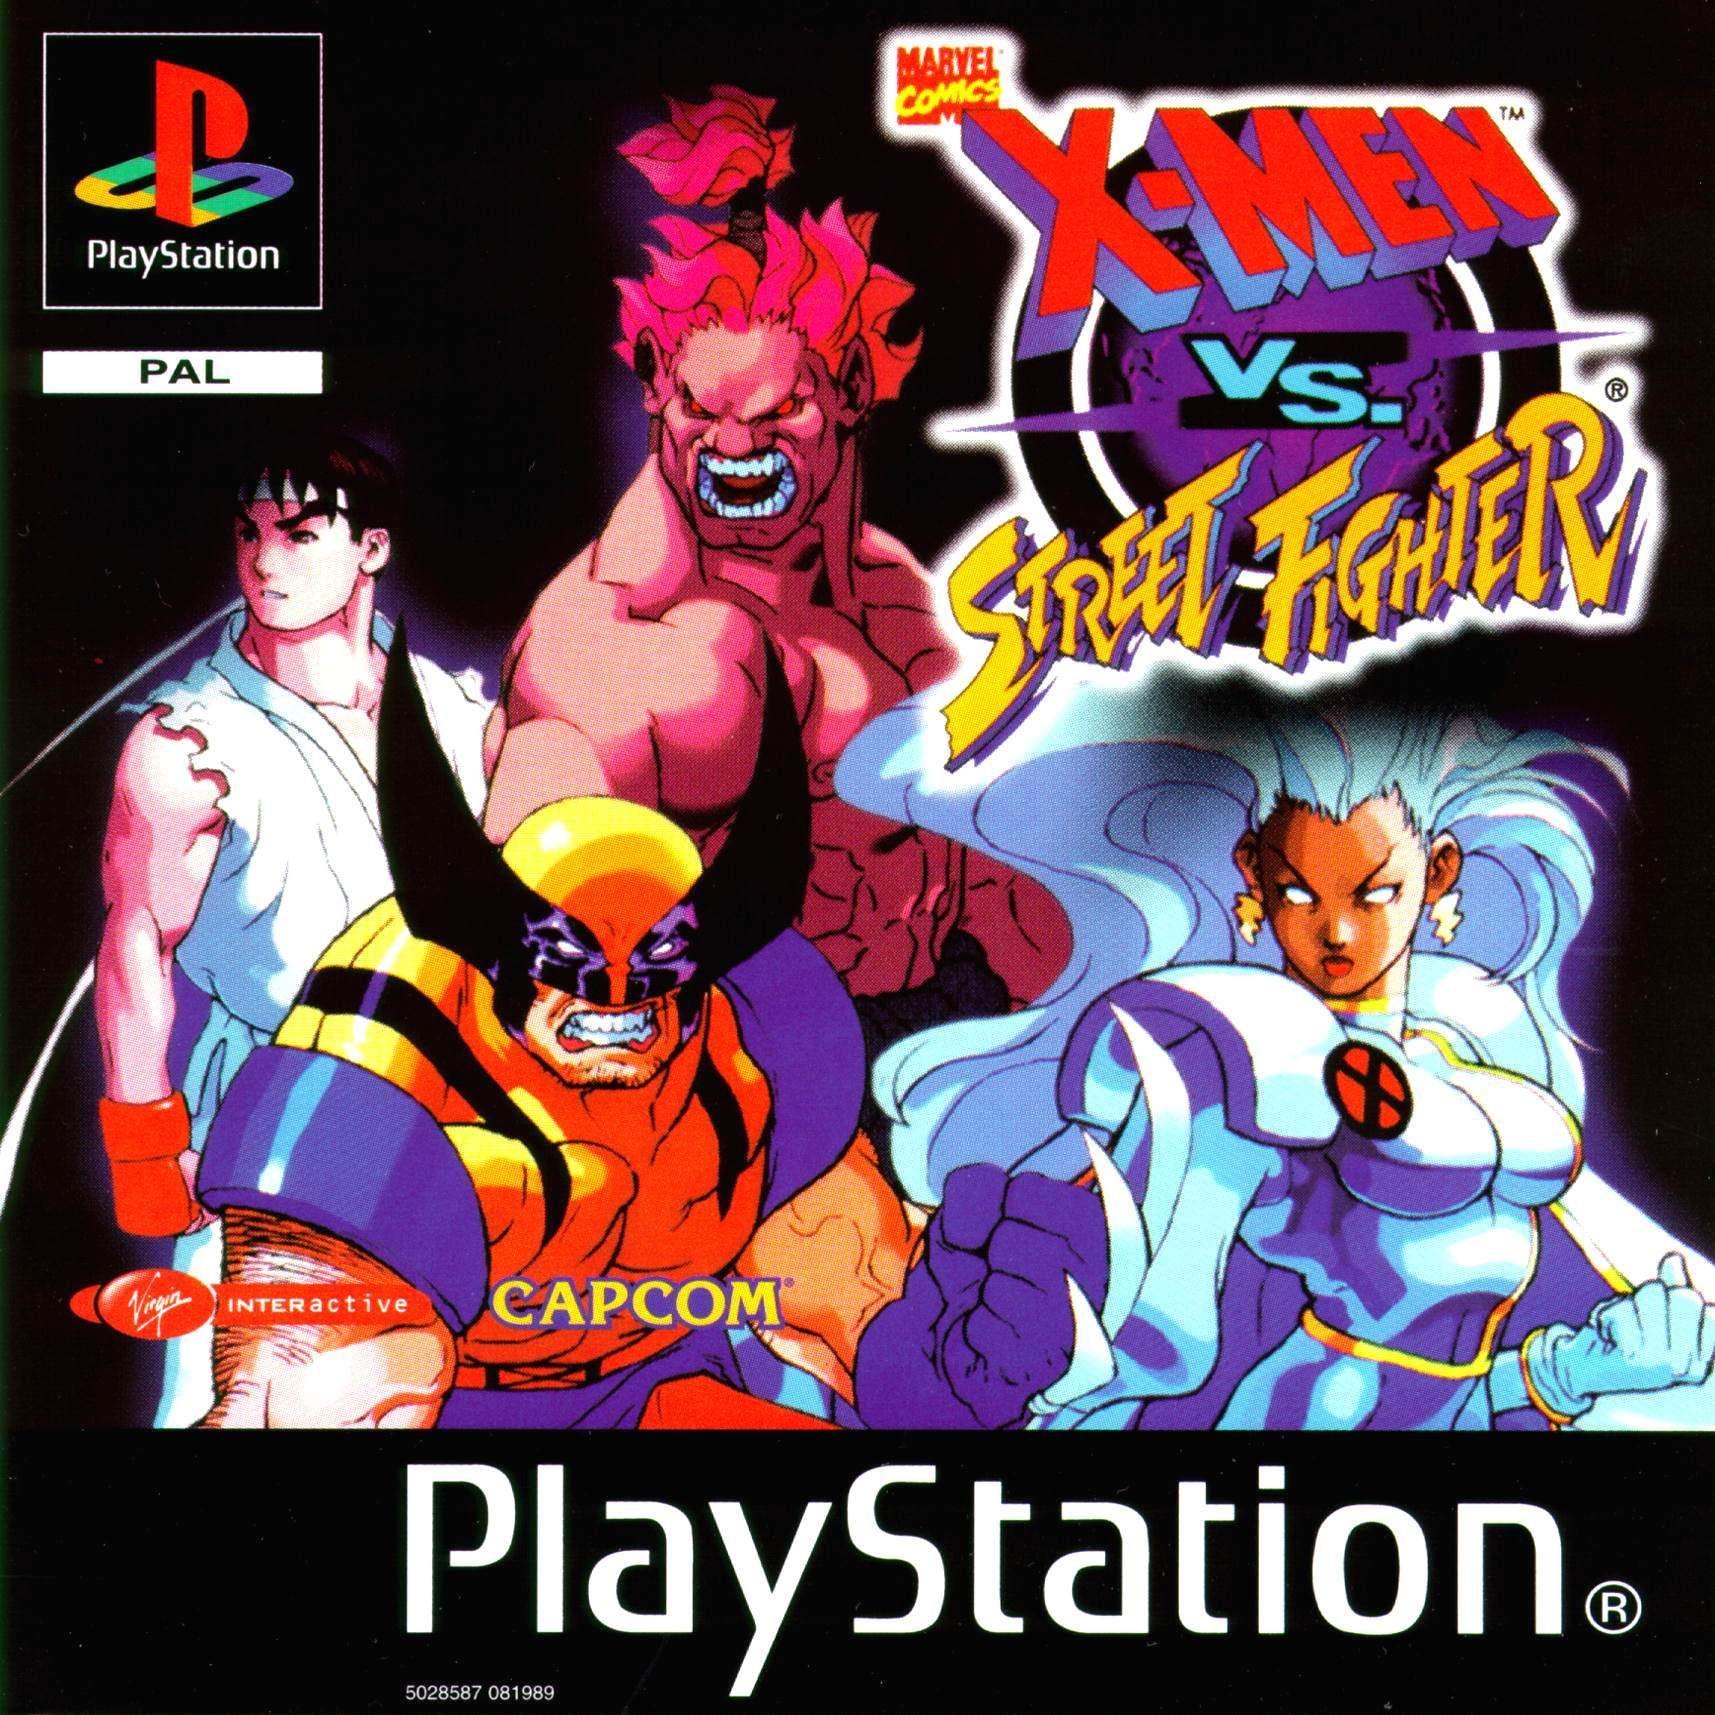 X Men Vs Street Fighter Playstaion 1996 Street Fighter Man Vs Marvel Vs Capcom